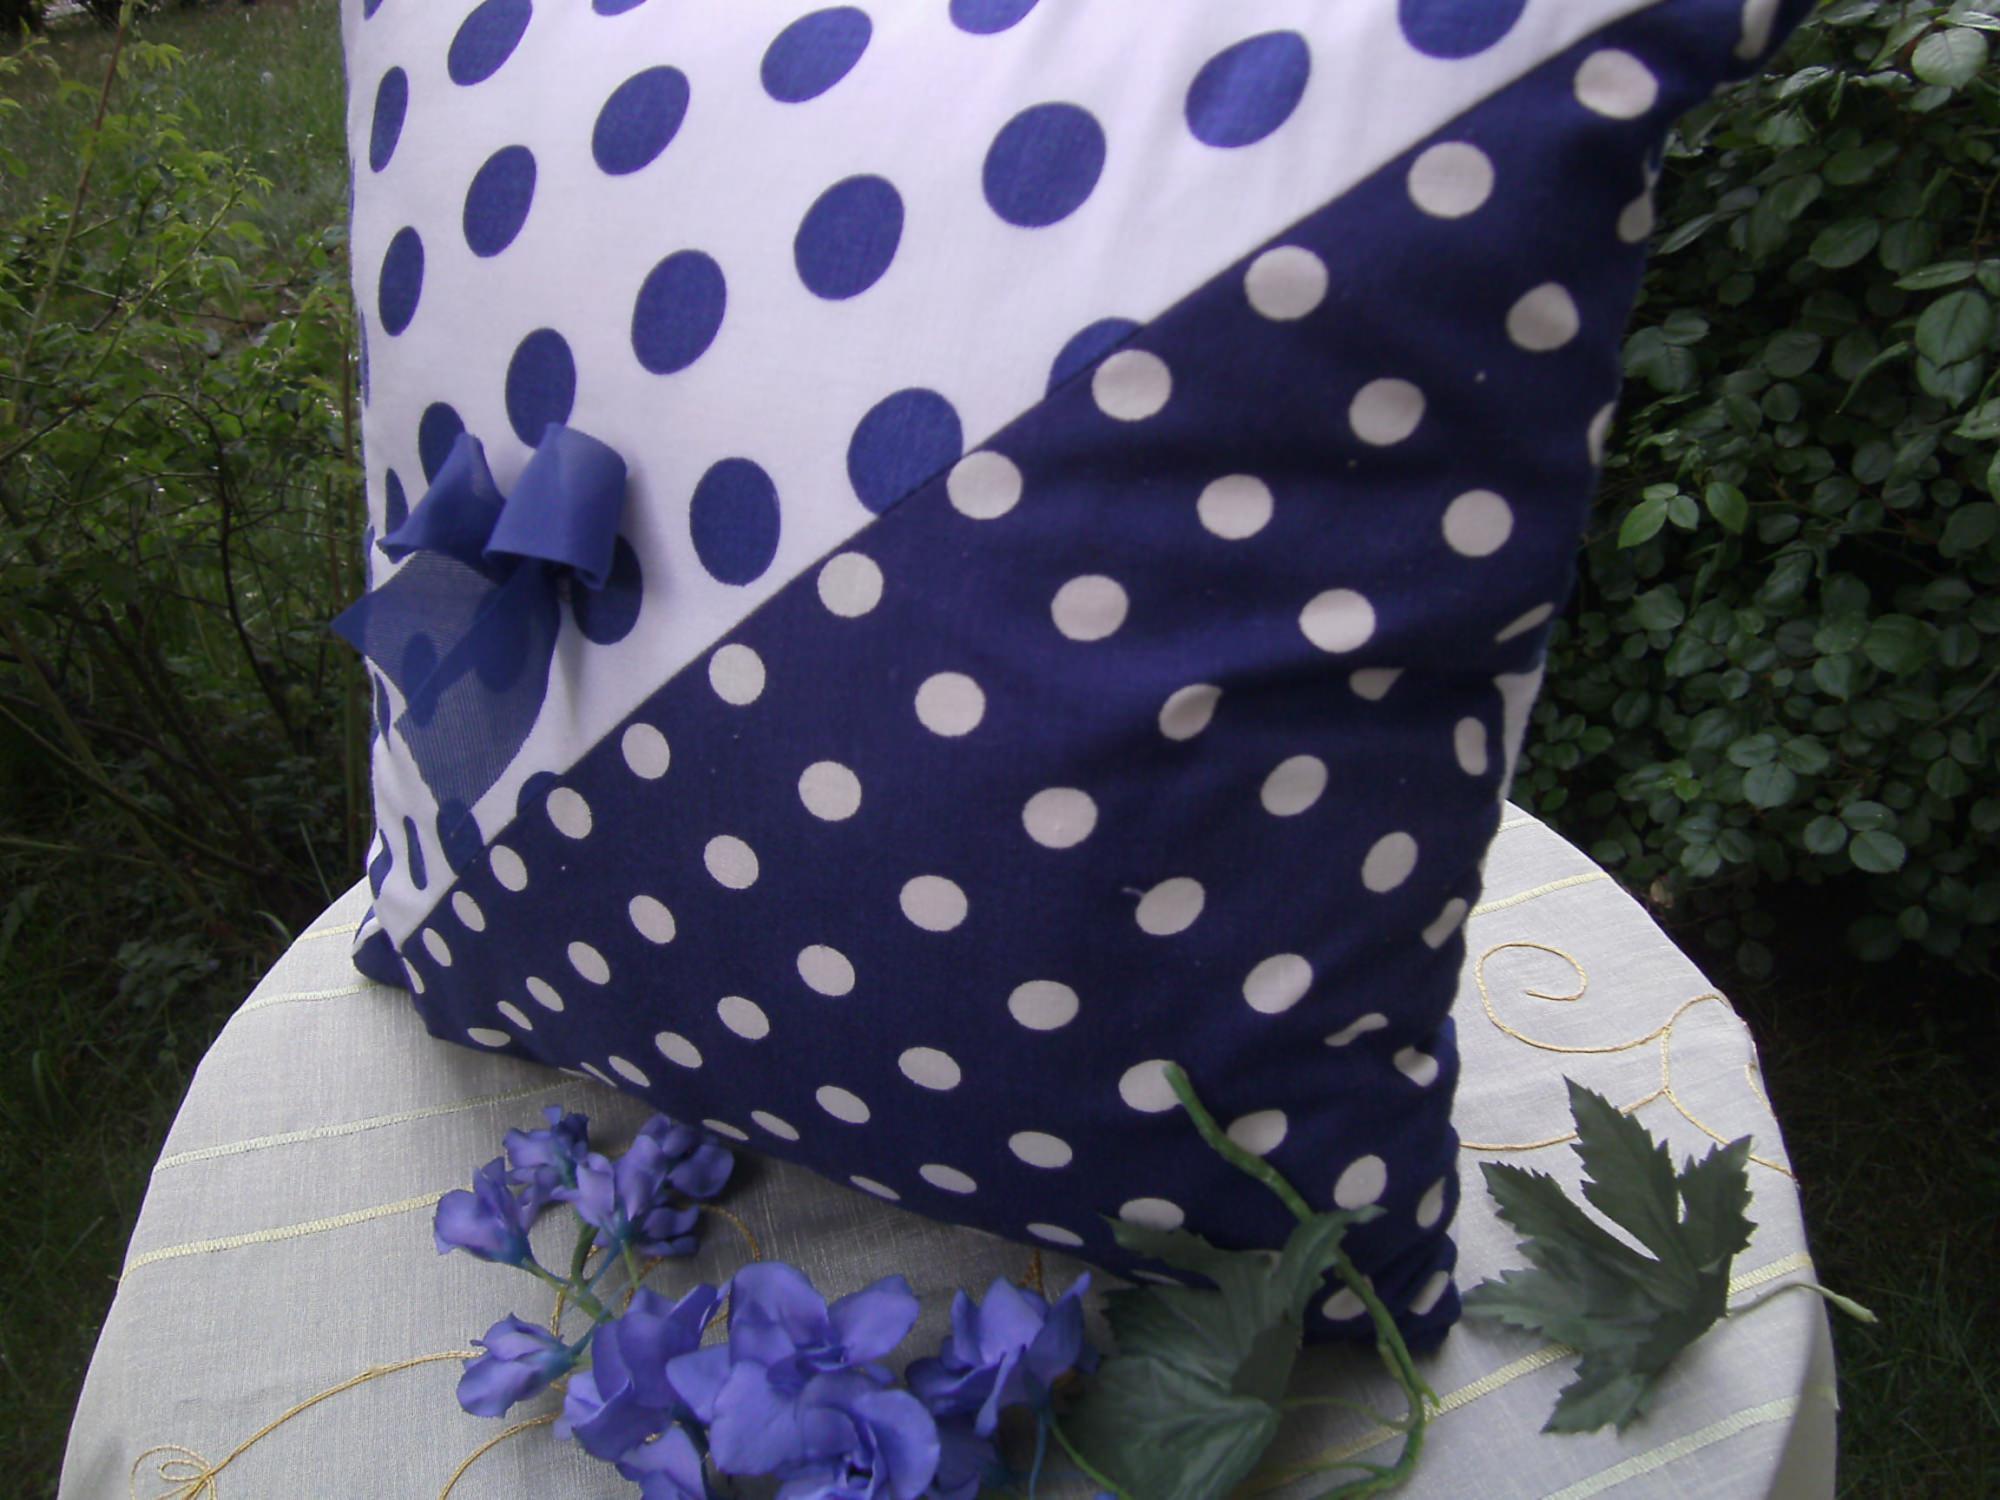 Kleinesbild - blau-weiß-gepunktetes Kissen